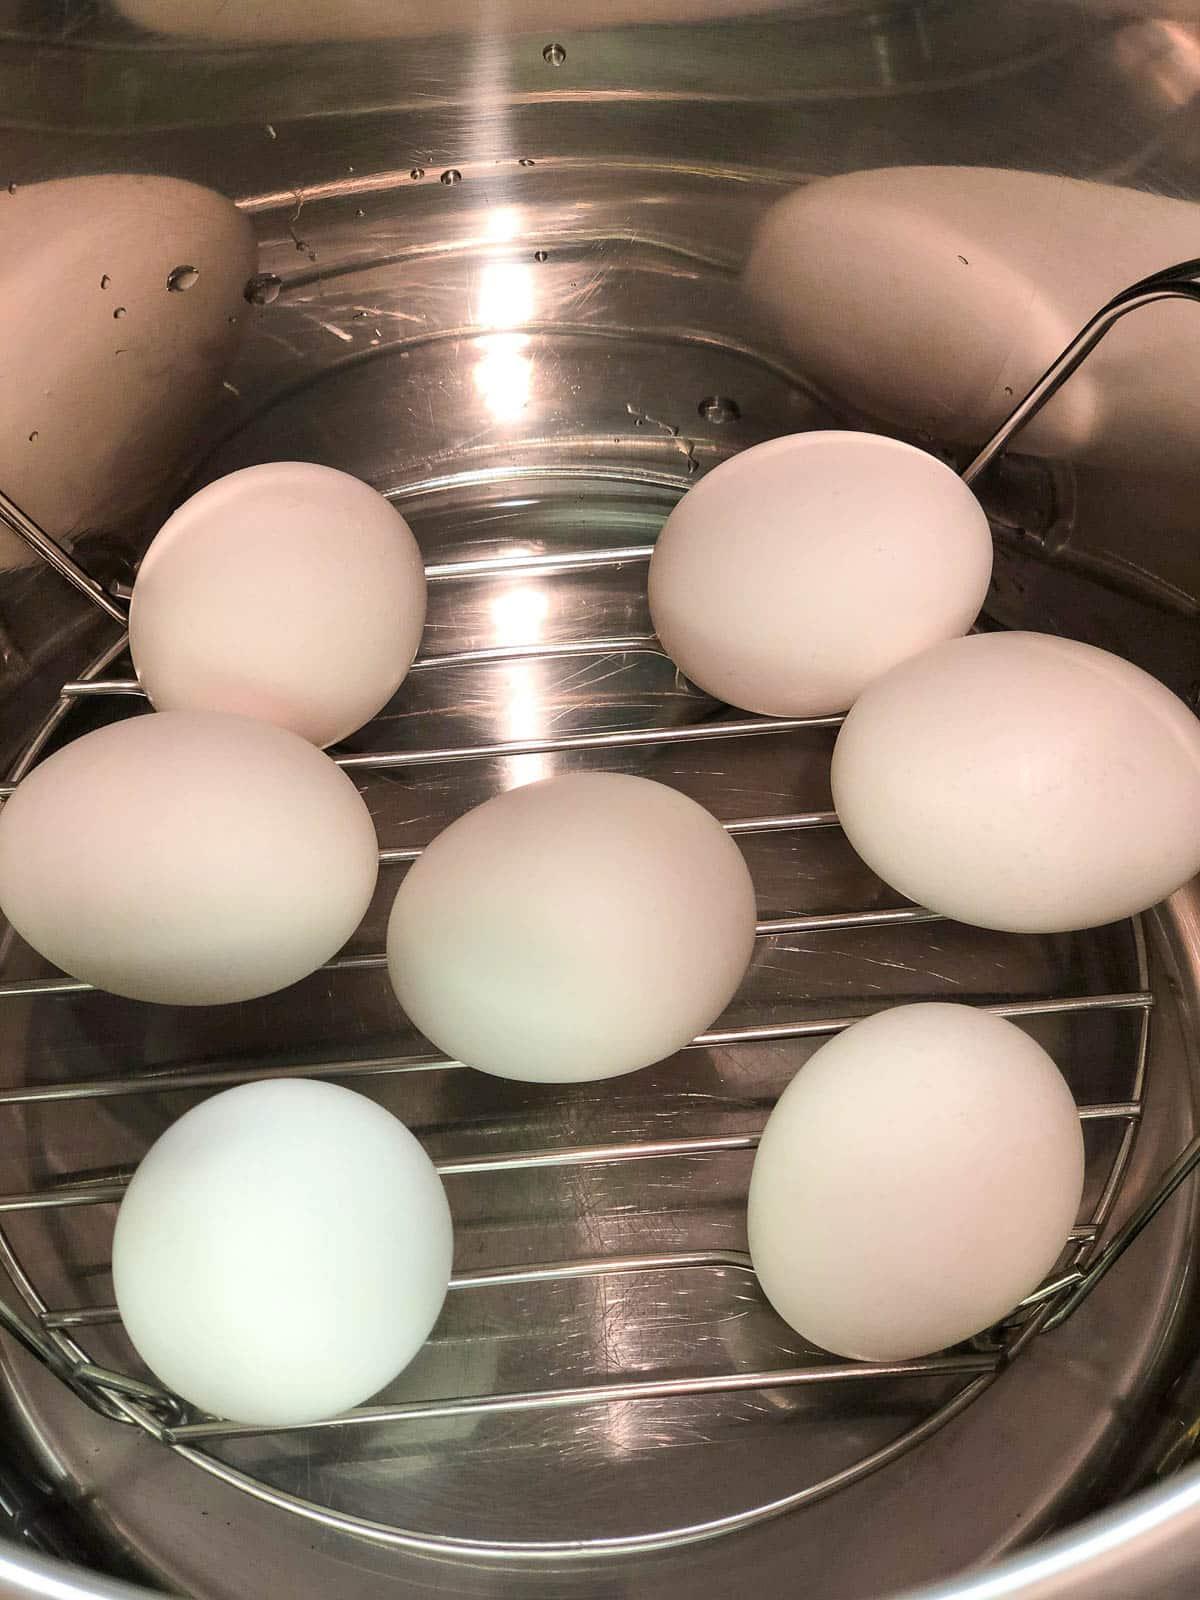 eggs on trivet in instant pot